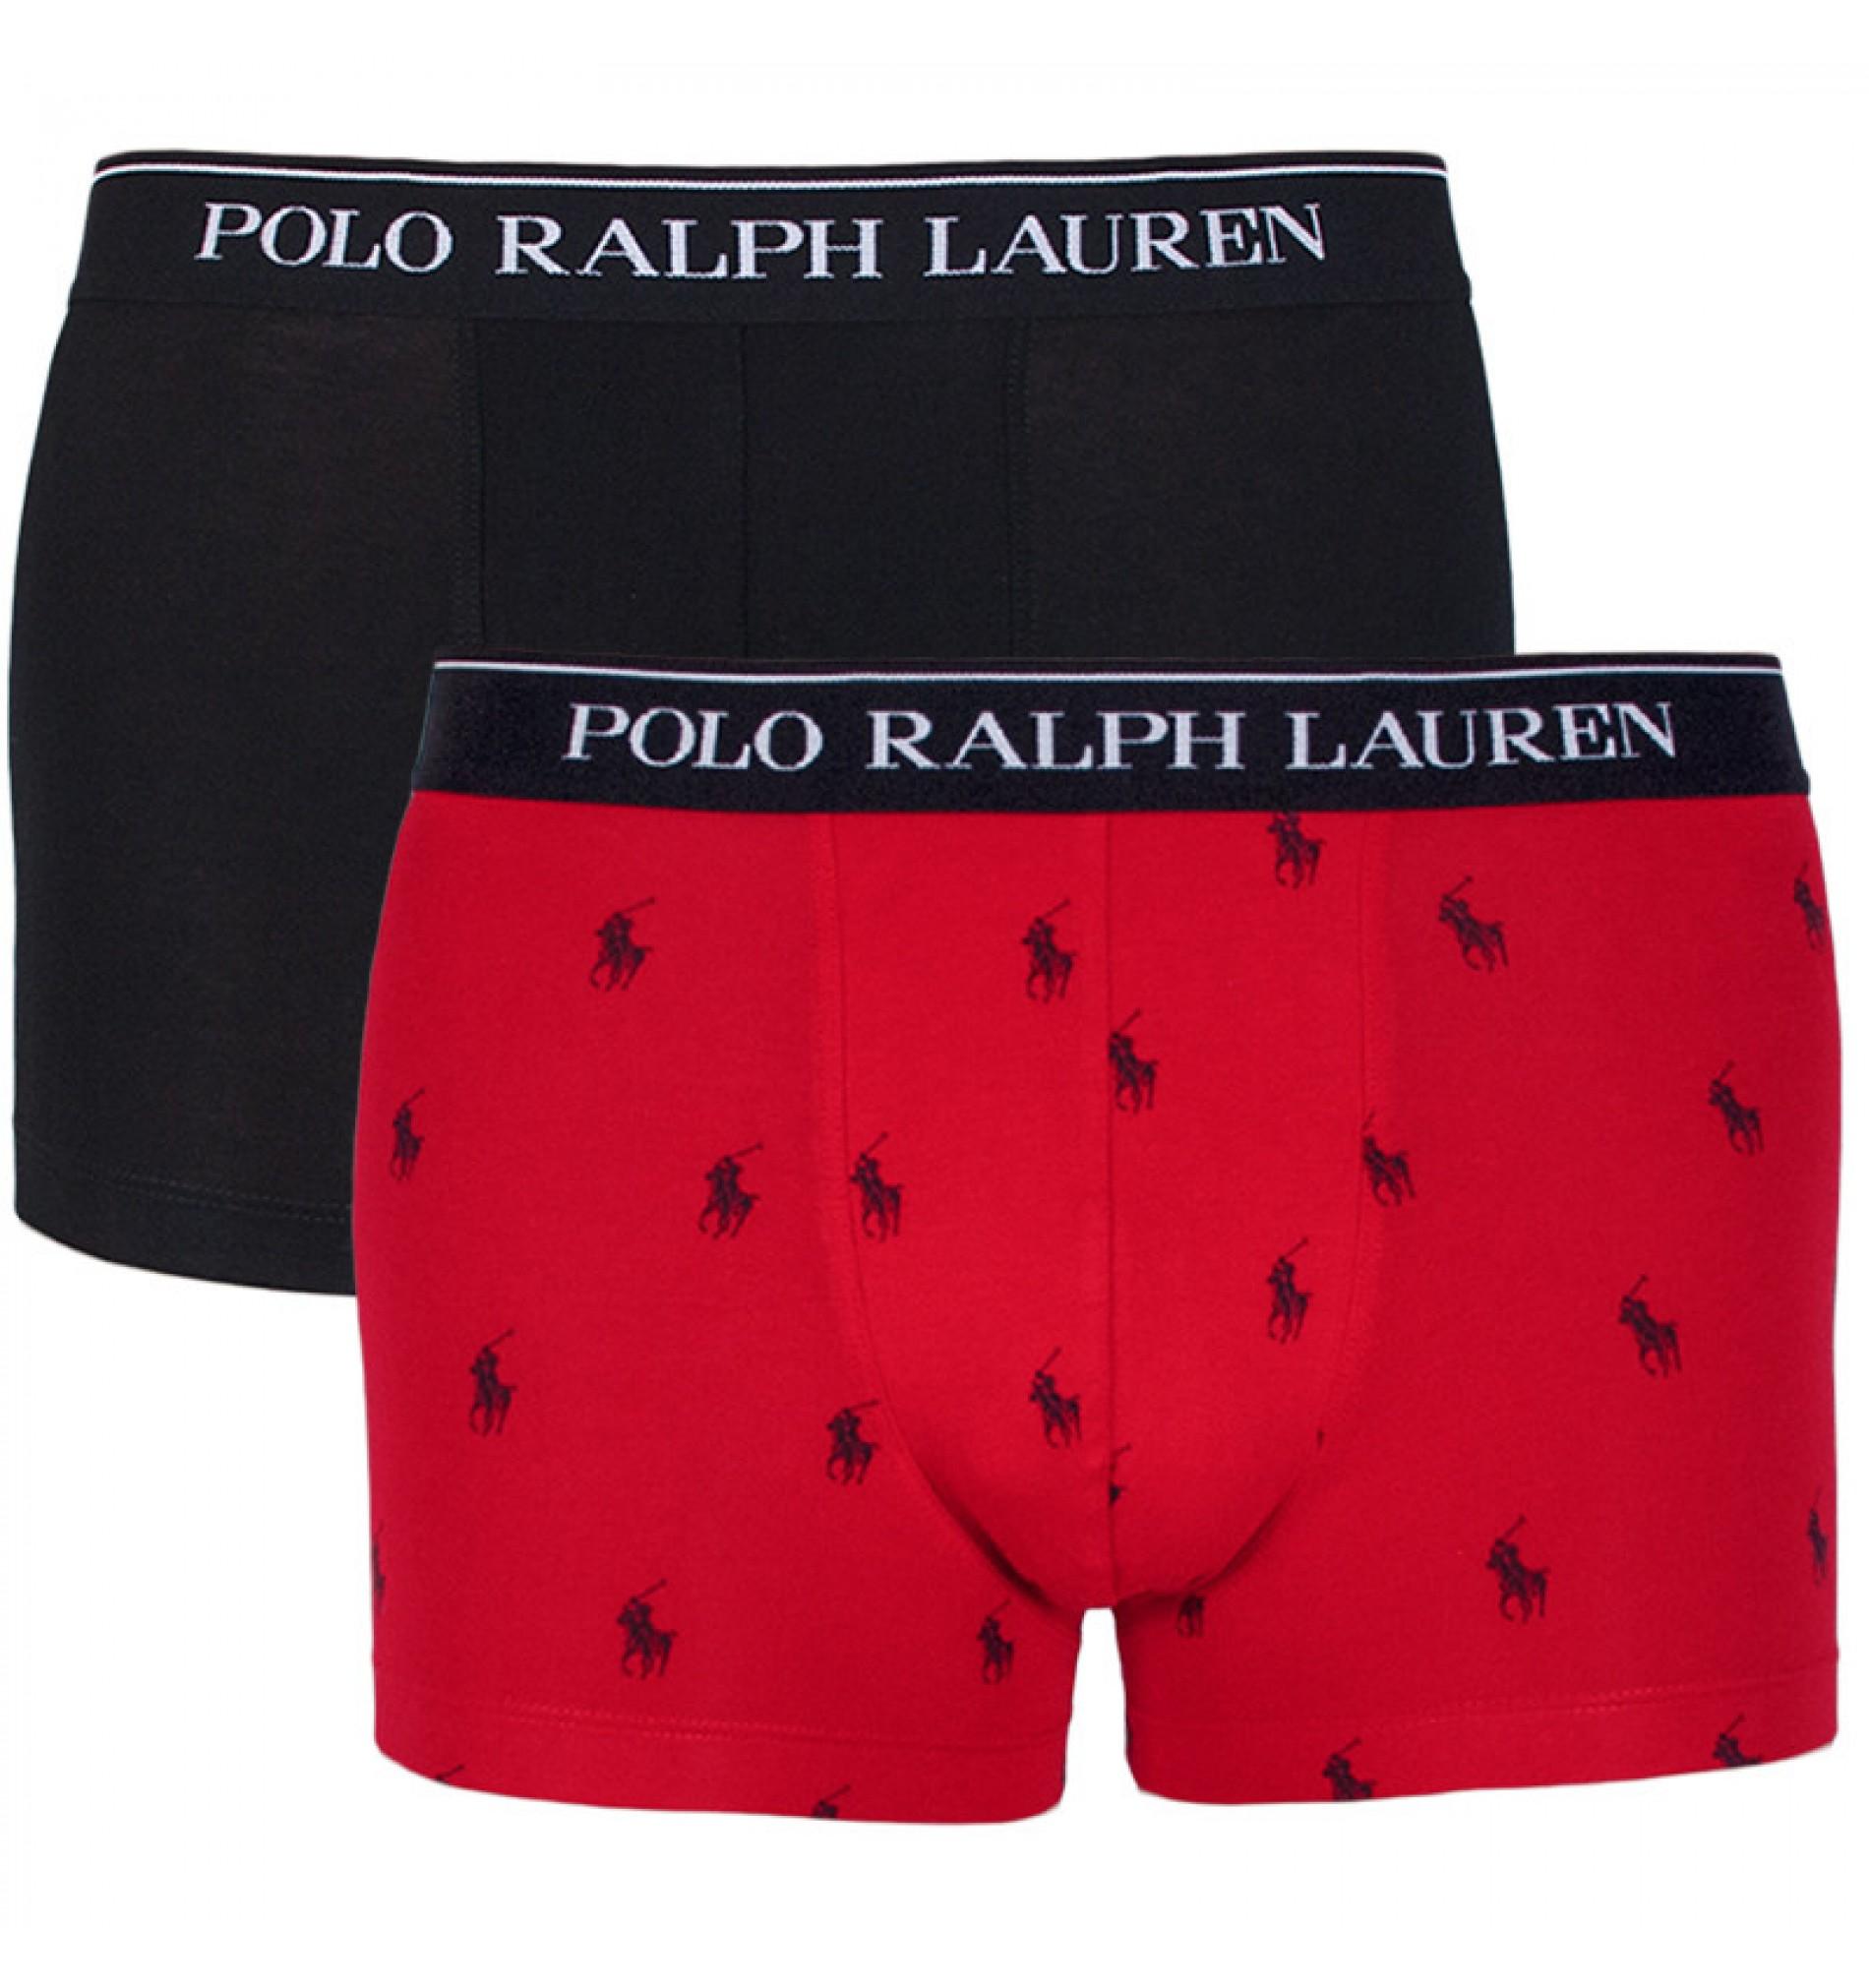 Polo boxerky - 2PACK čierna,červená  005  '714662052-005'